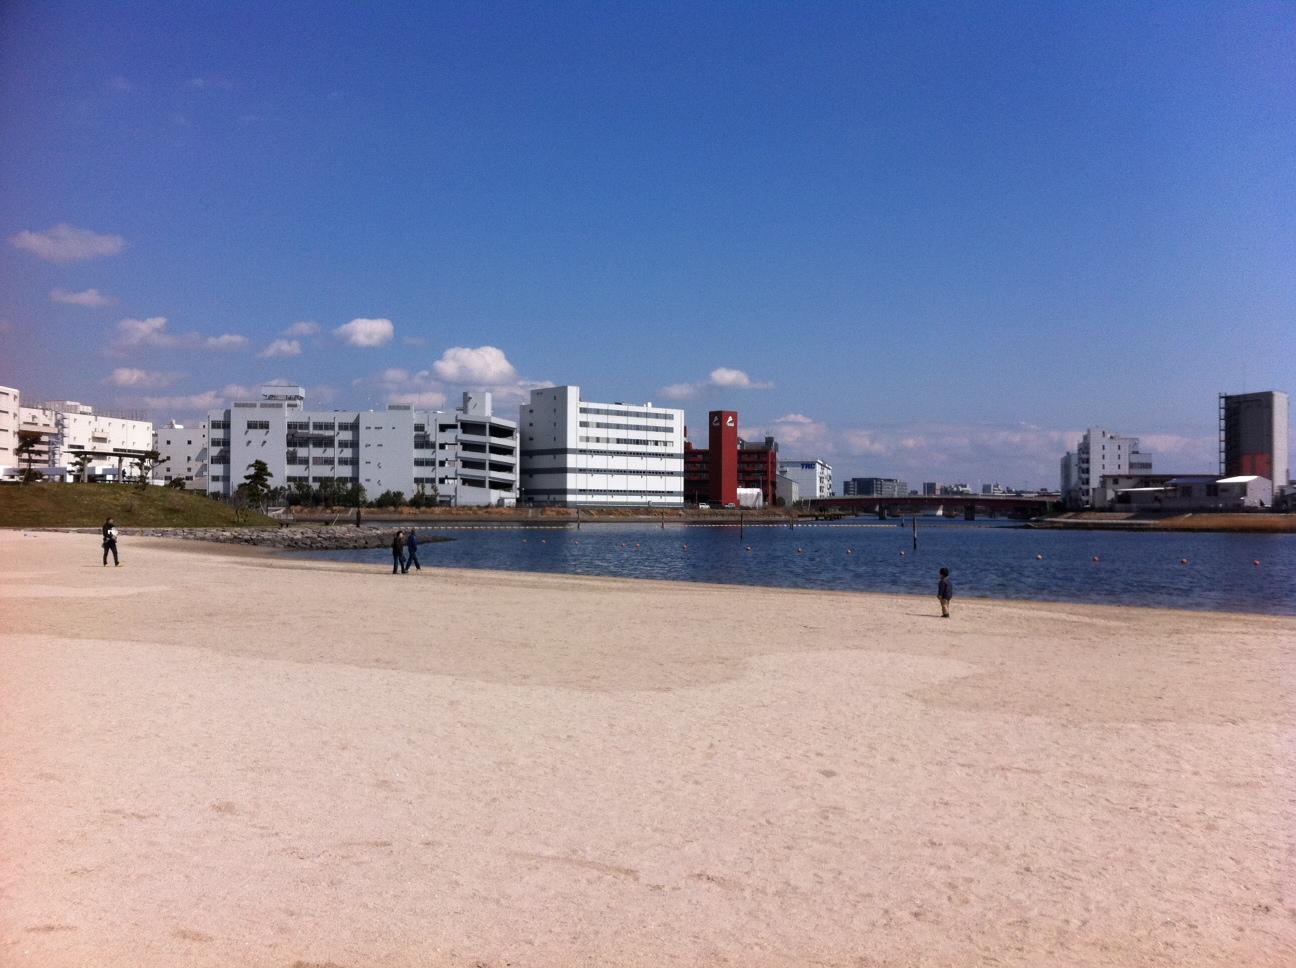 空と海のブルー。僕の命の原点「ふるはま公園」。_a0112393_14592950.jpg